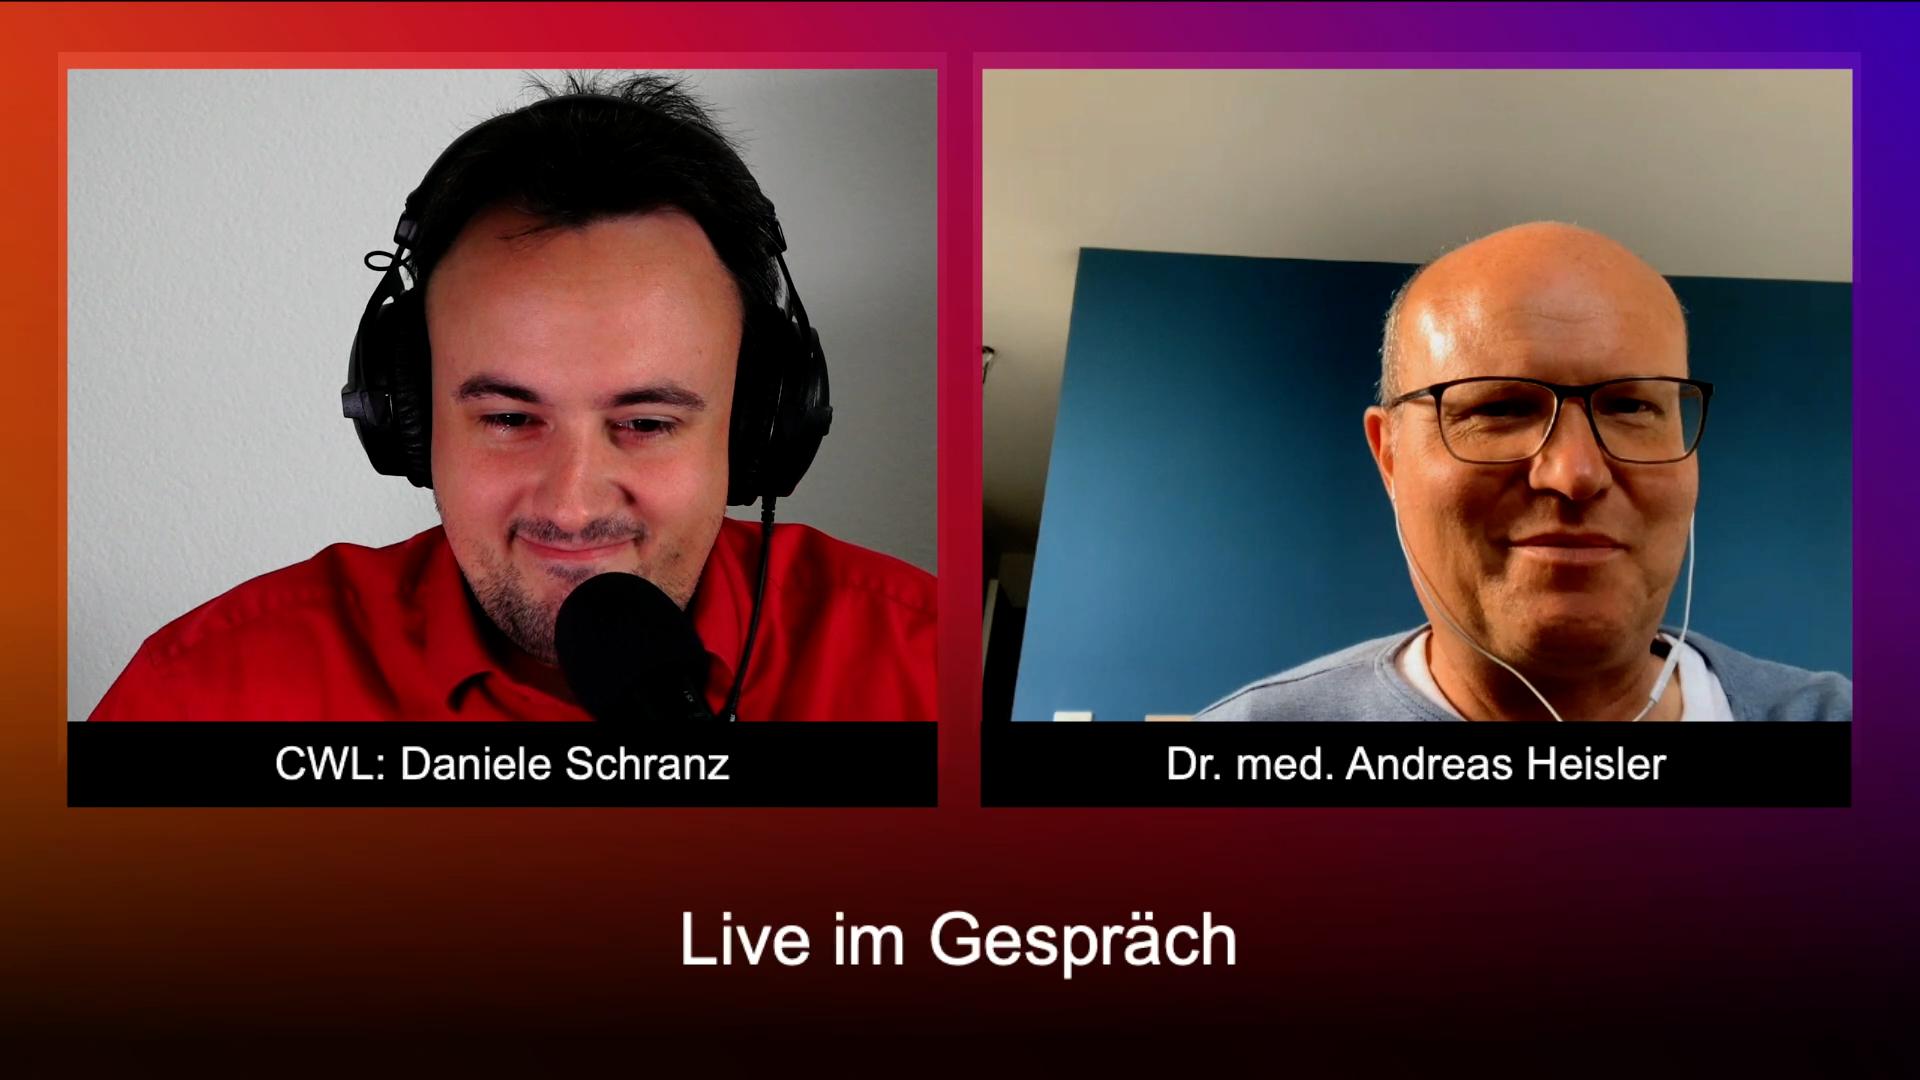 Im Gespräch mit Dr. med. Andreas Heisler